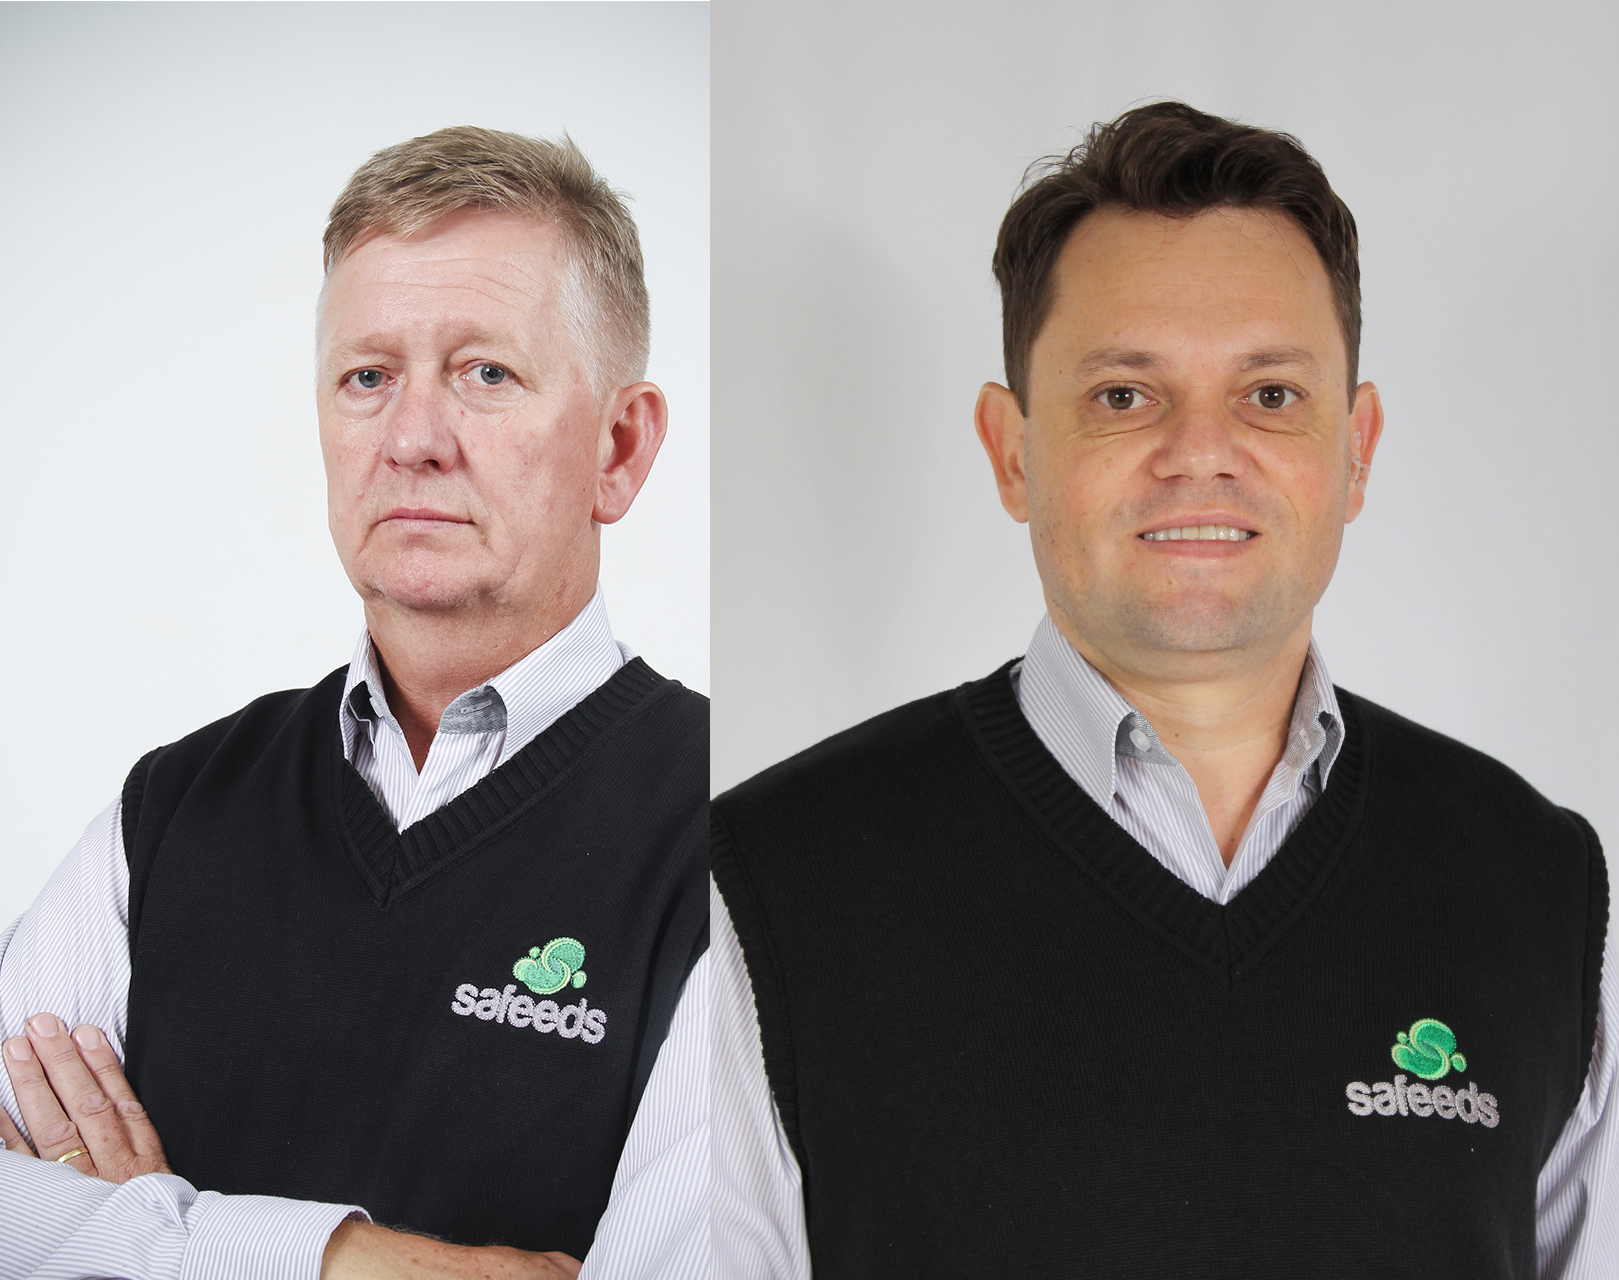 Safeeds apresenta dois novos gerentes